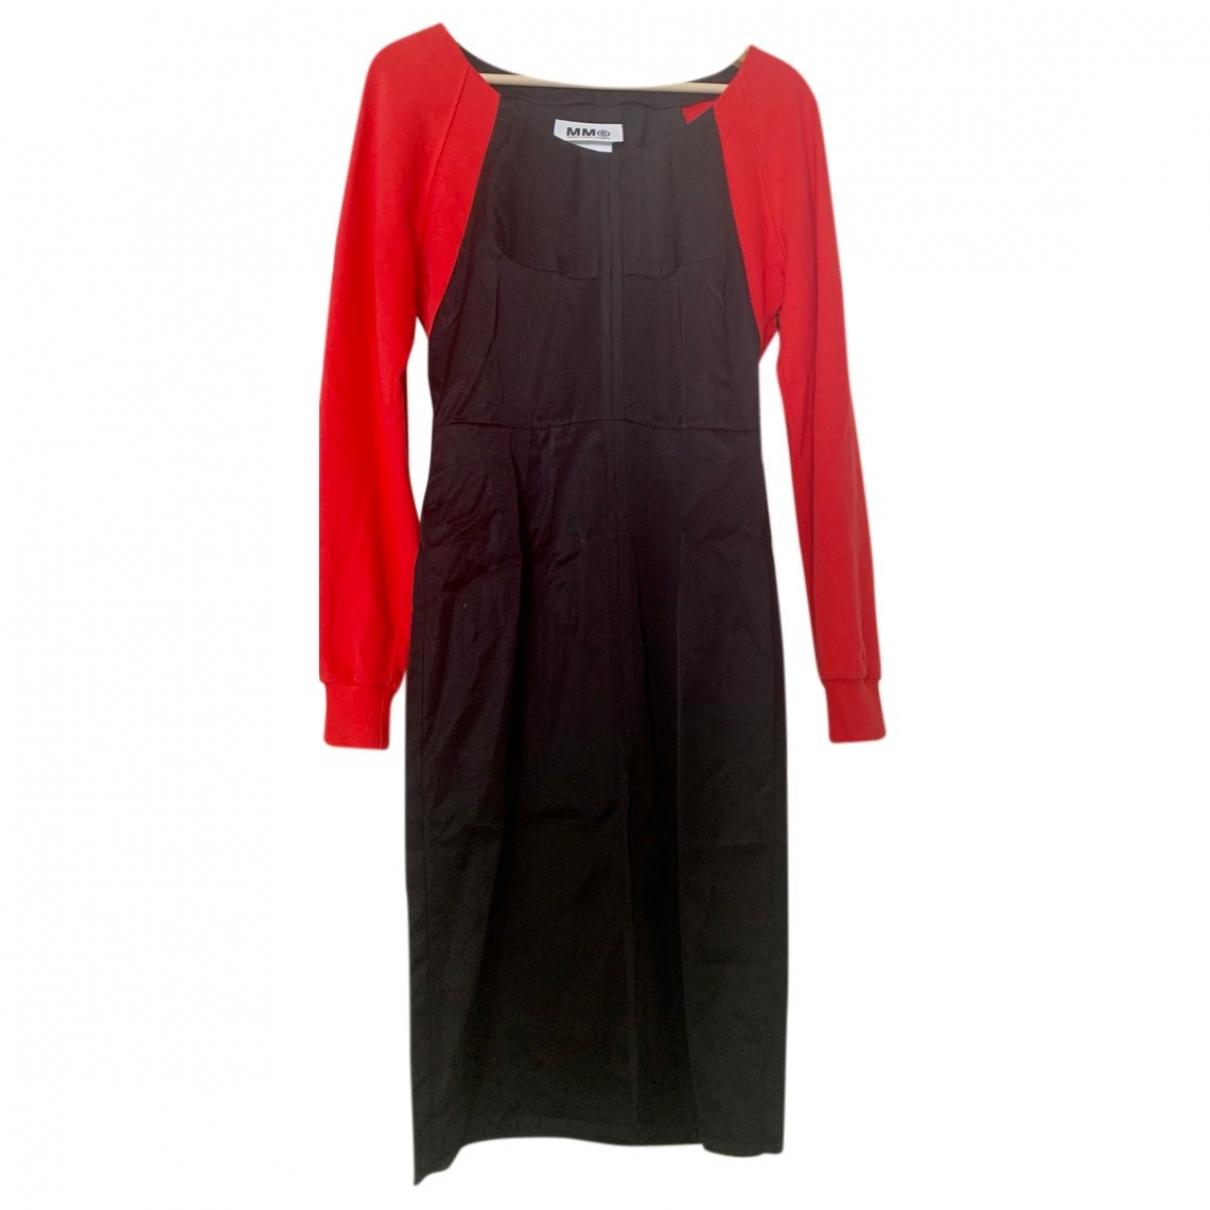 Mm6 - Robe   pour femme en coton - rouge